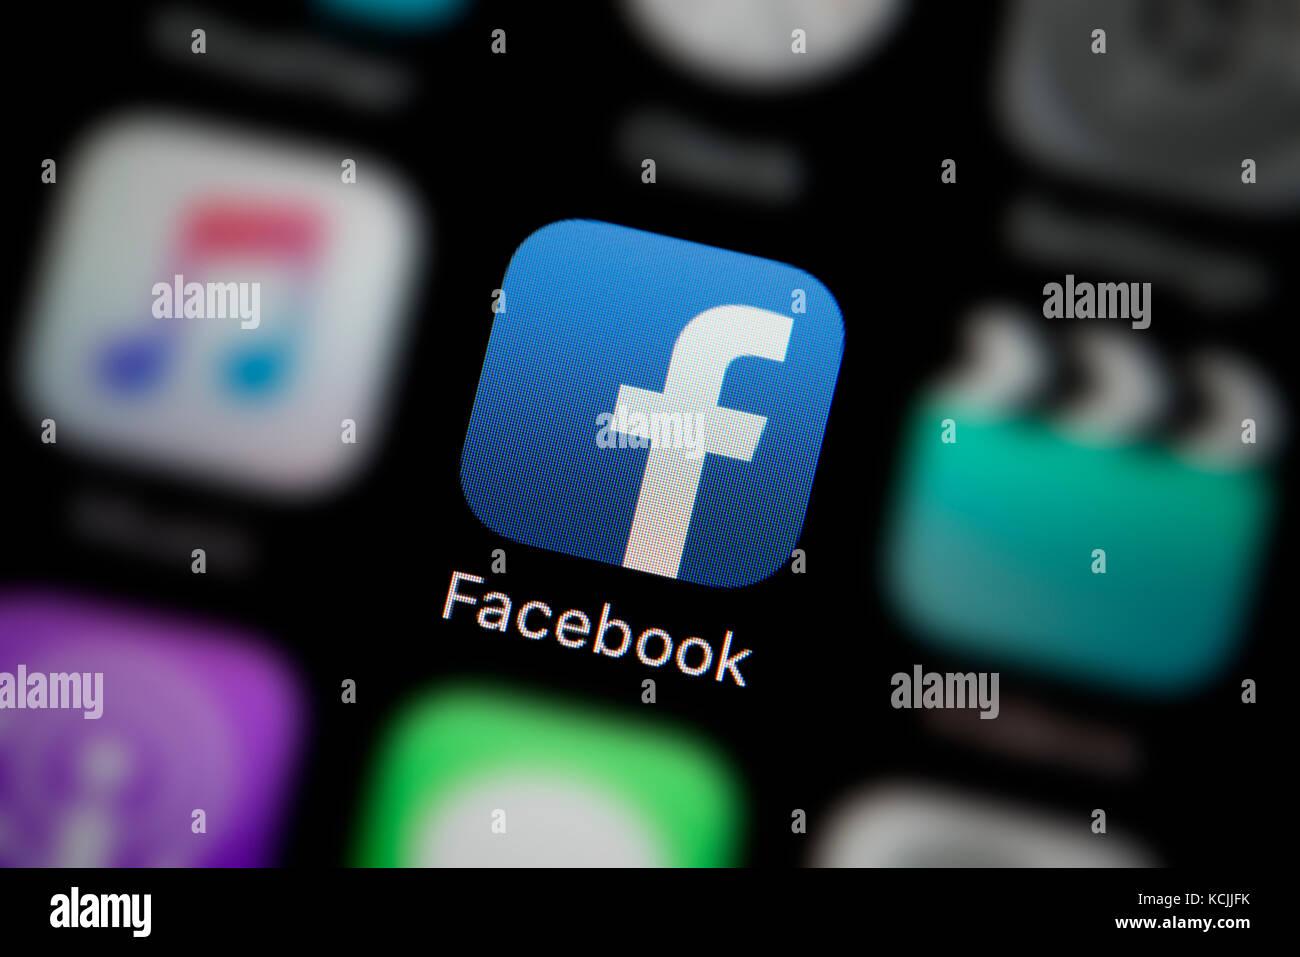 Un primer plano del logotipo de la empresa que representa el icono Facebook app, como se ve en la pantalla de un Imagen De Stock